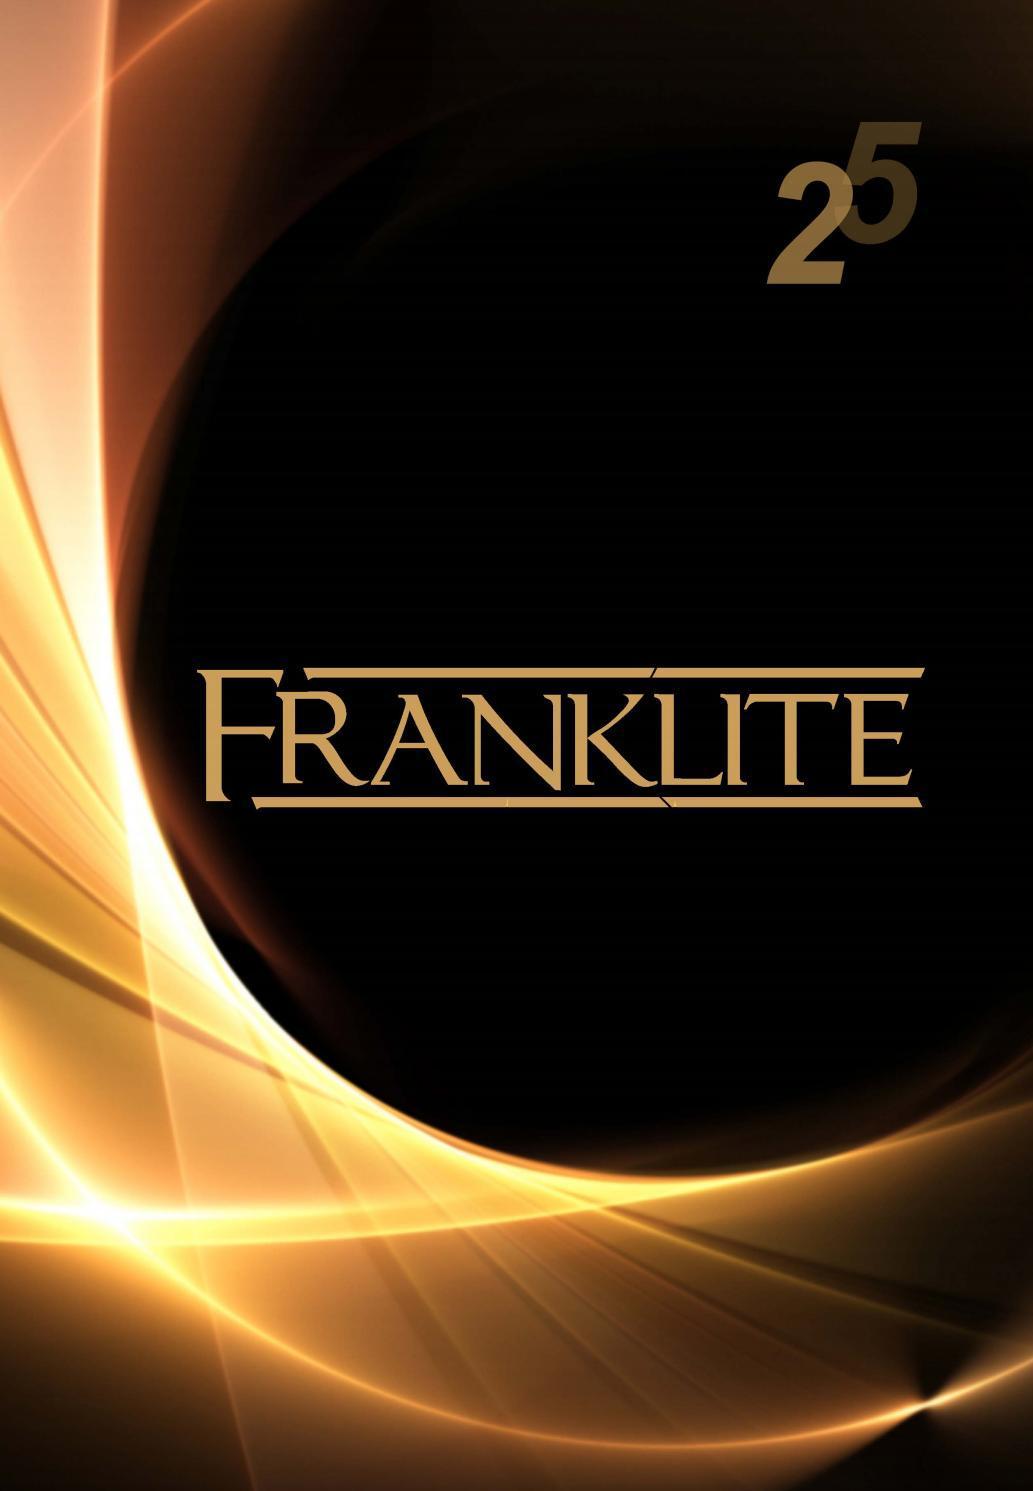 Franklite